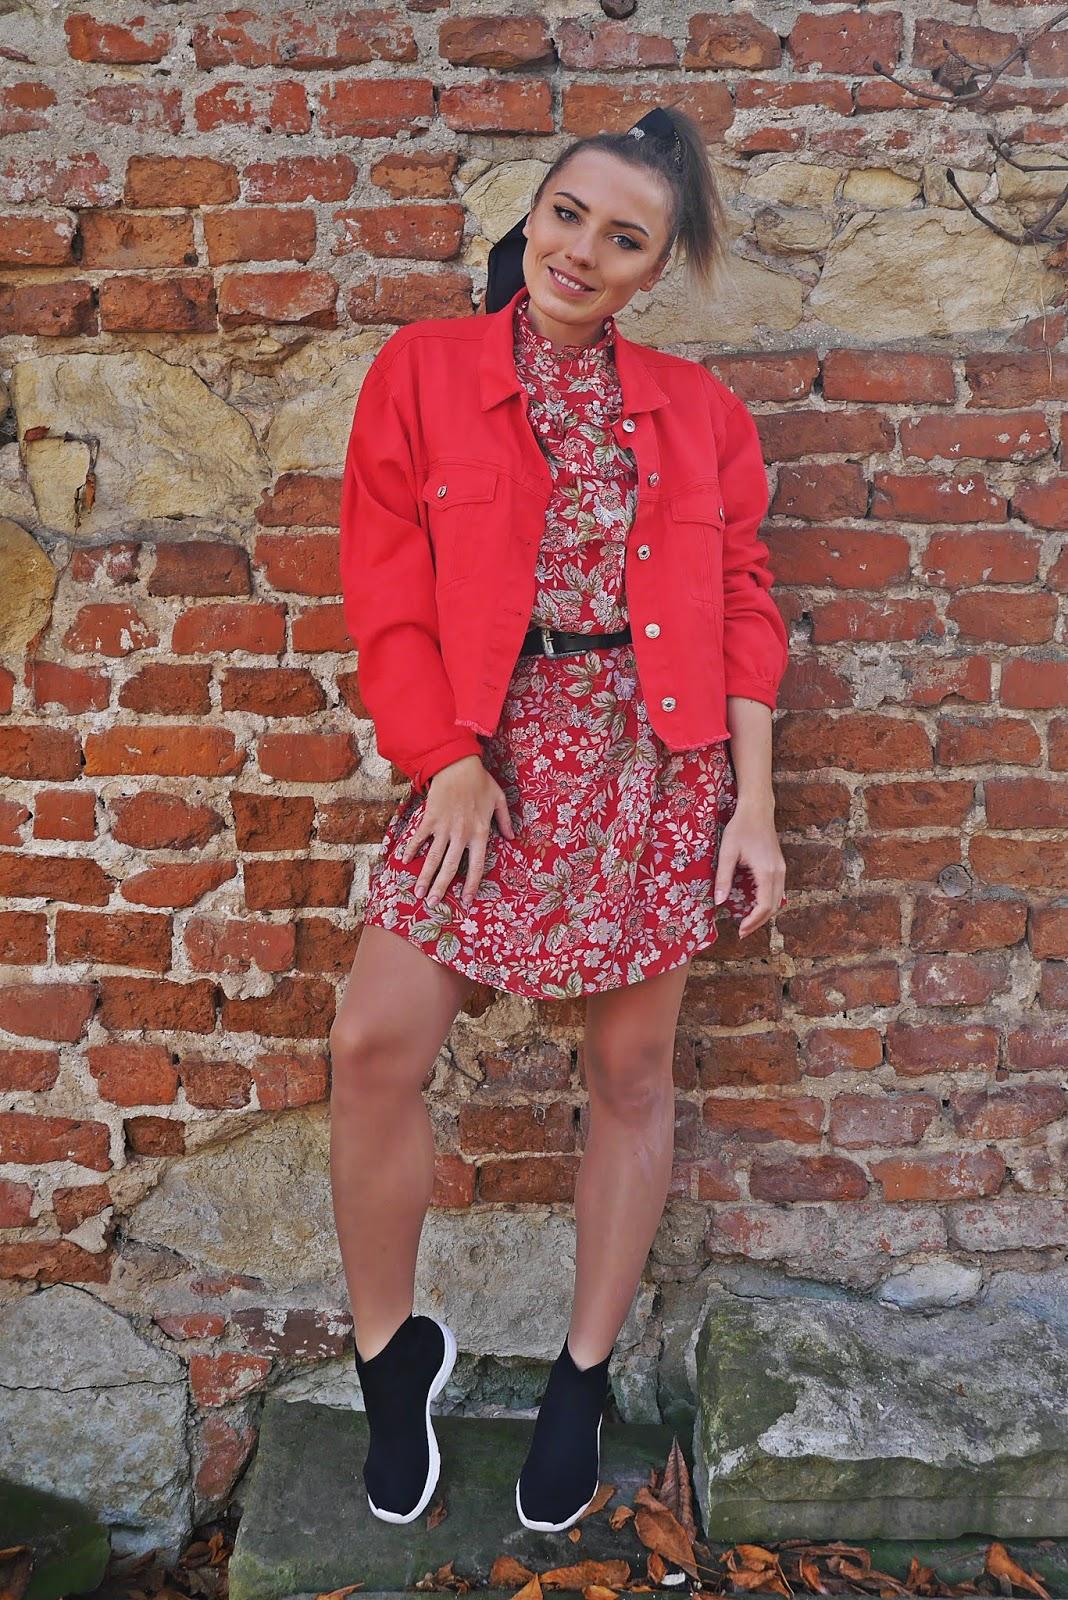 Czerwona jeansowa kurtka sukienka w kwiaty bonprix skarpetkowe botki renee karyn blog modowy